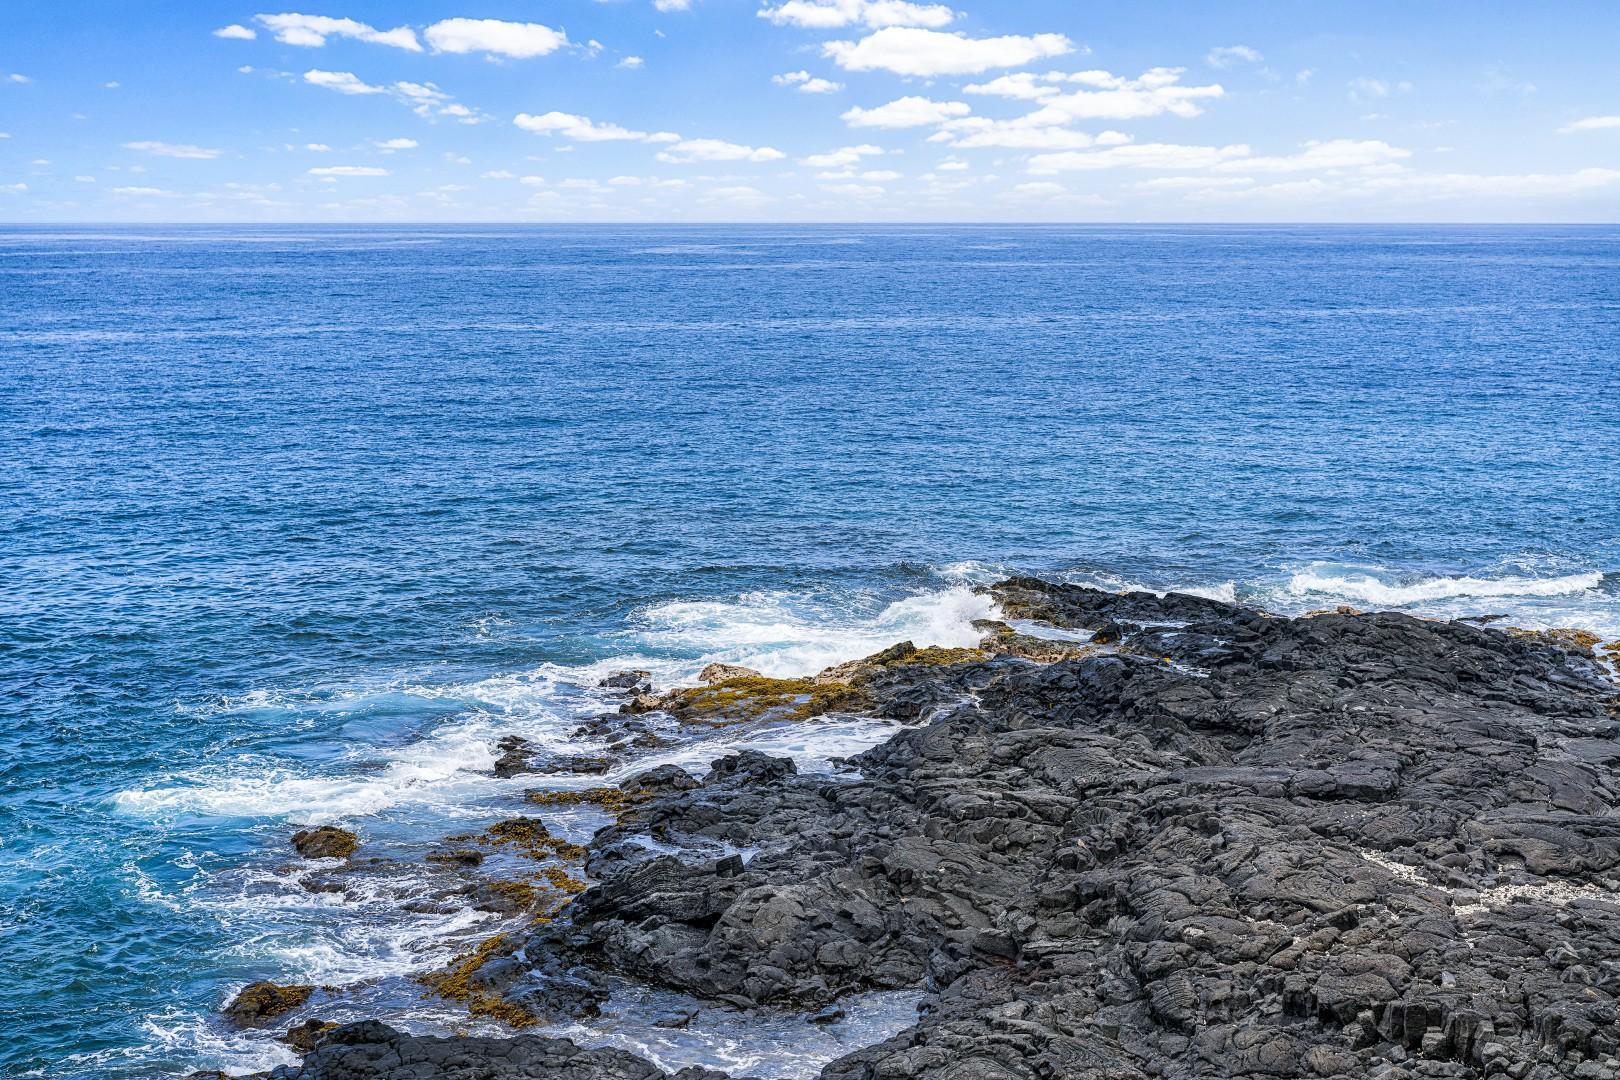 Ocean view from Lanai!